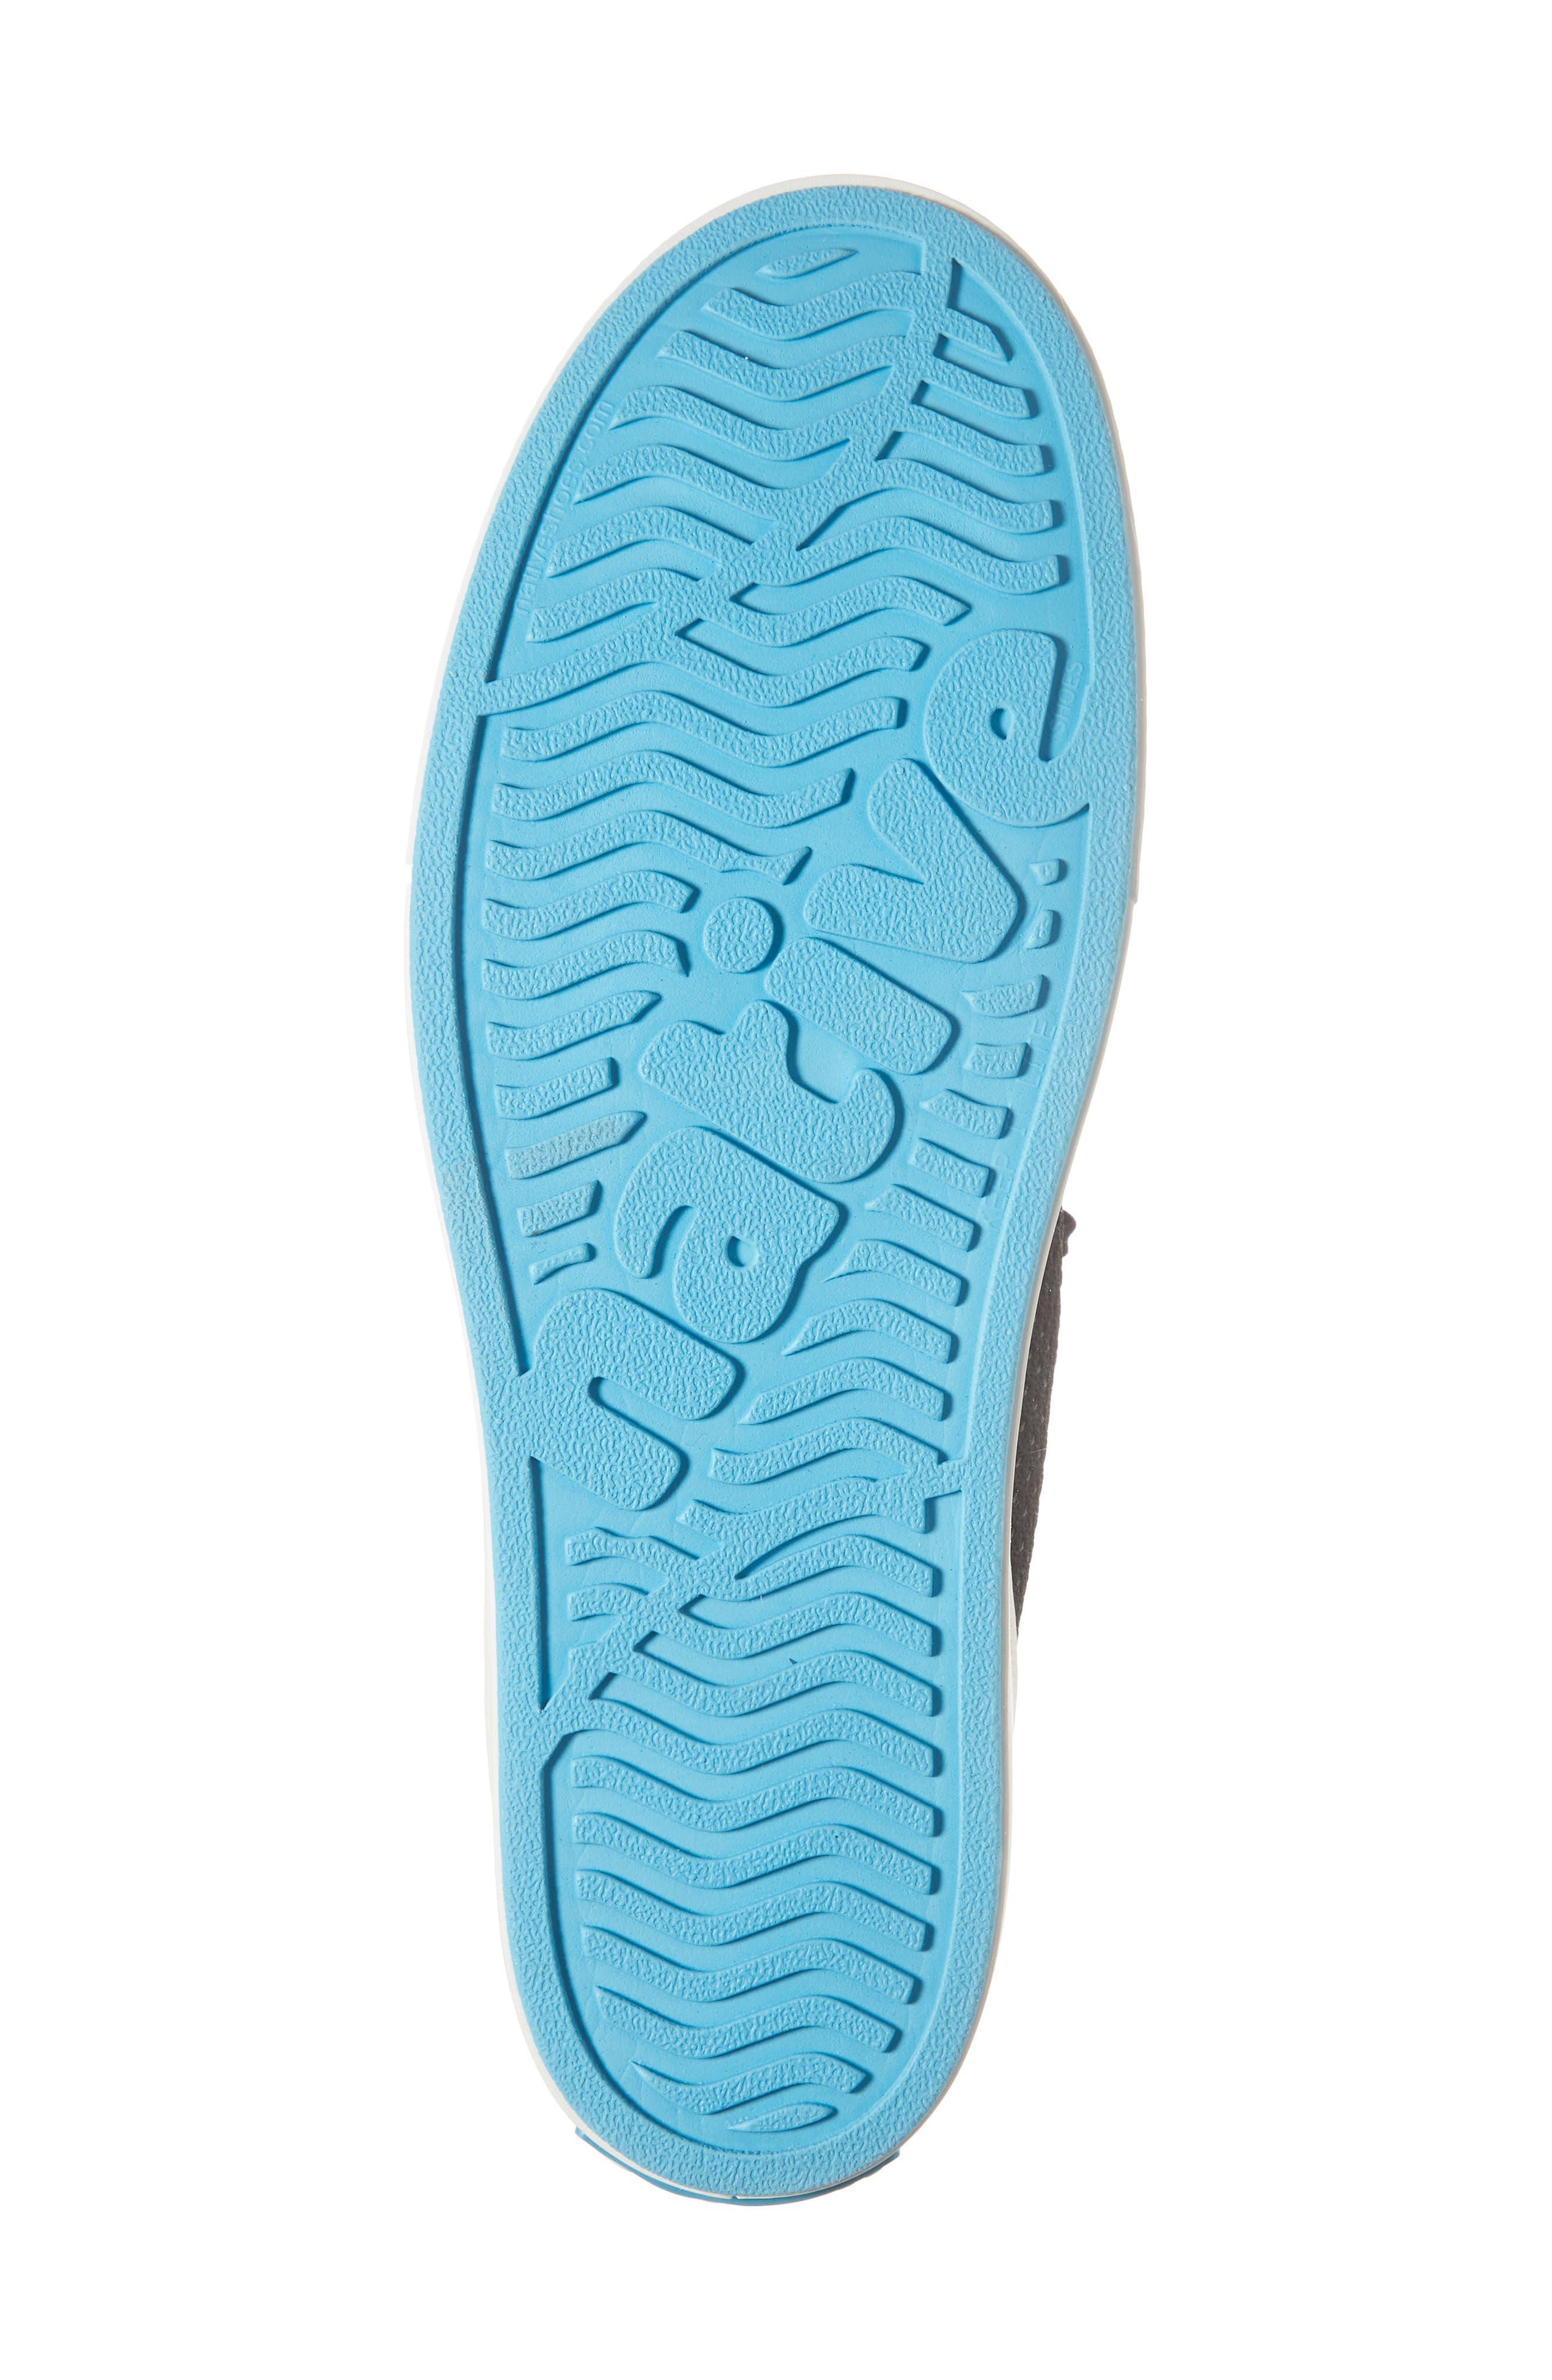 Jefferson 2.0 Liteknit Lace-Up Sneaker,                             Alternate thumbnail 6, color,                             JIFFY BLACK/ SHELL WHITE